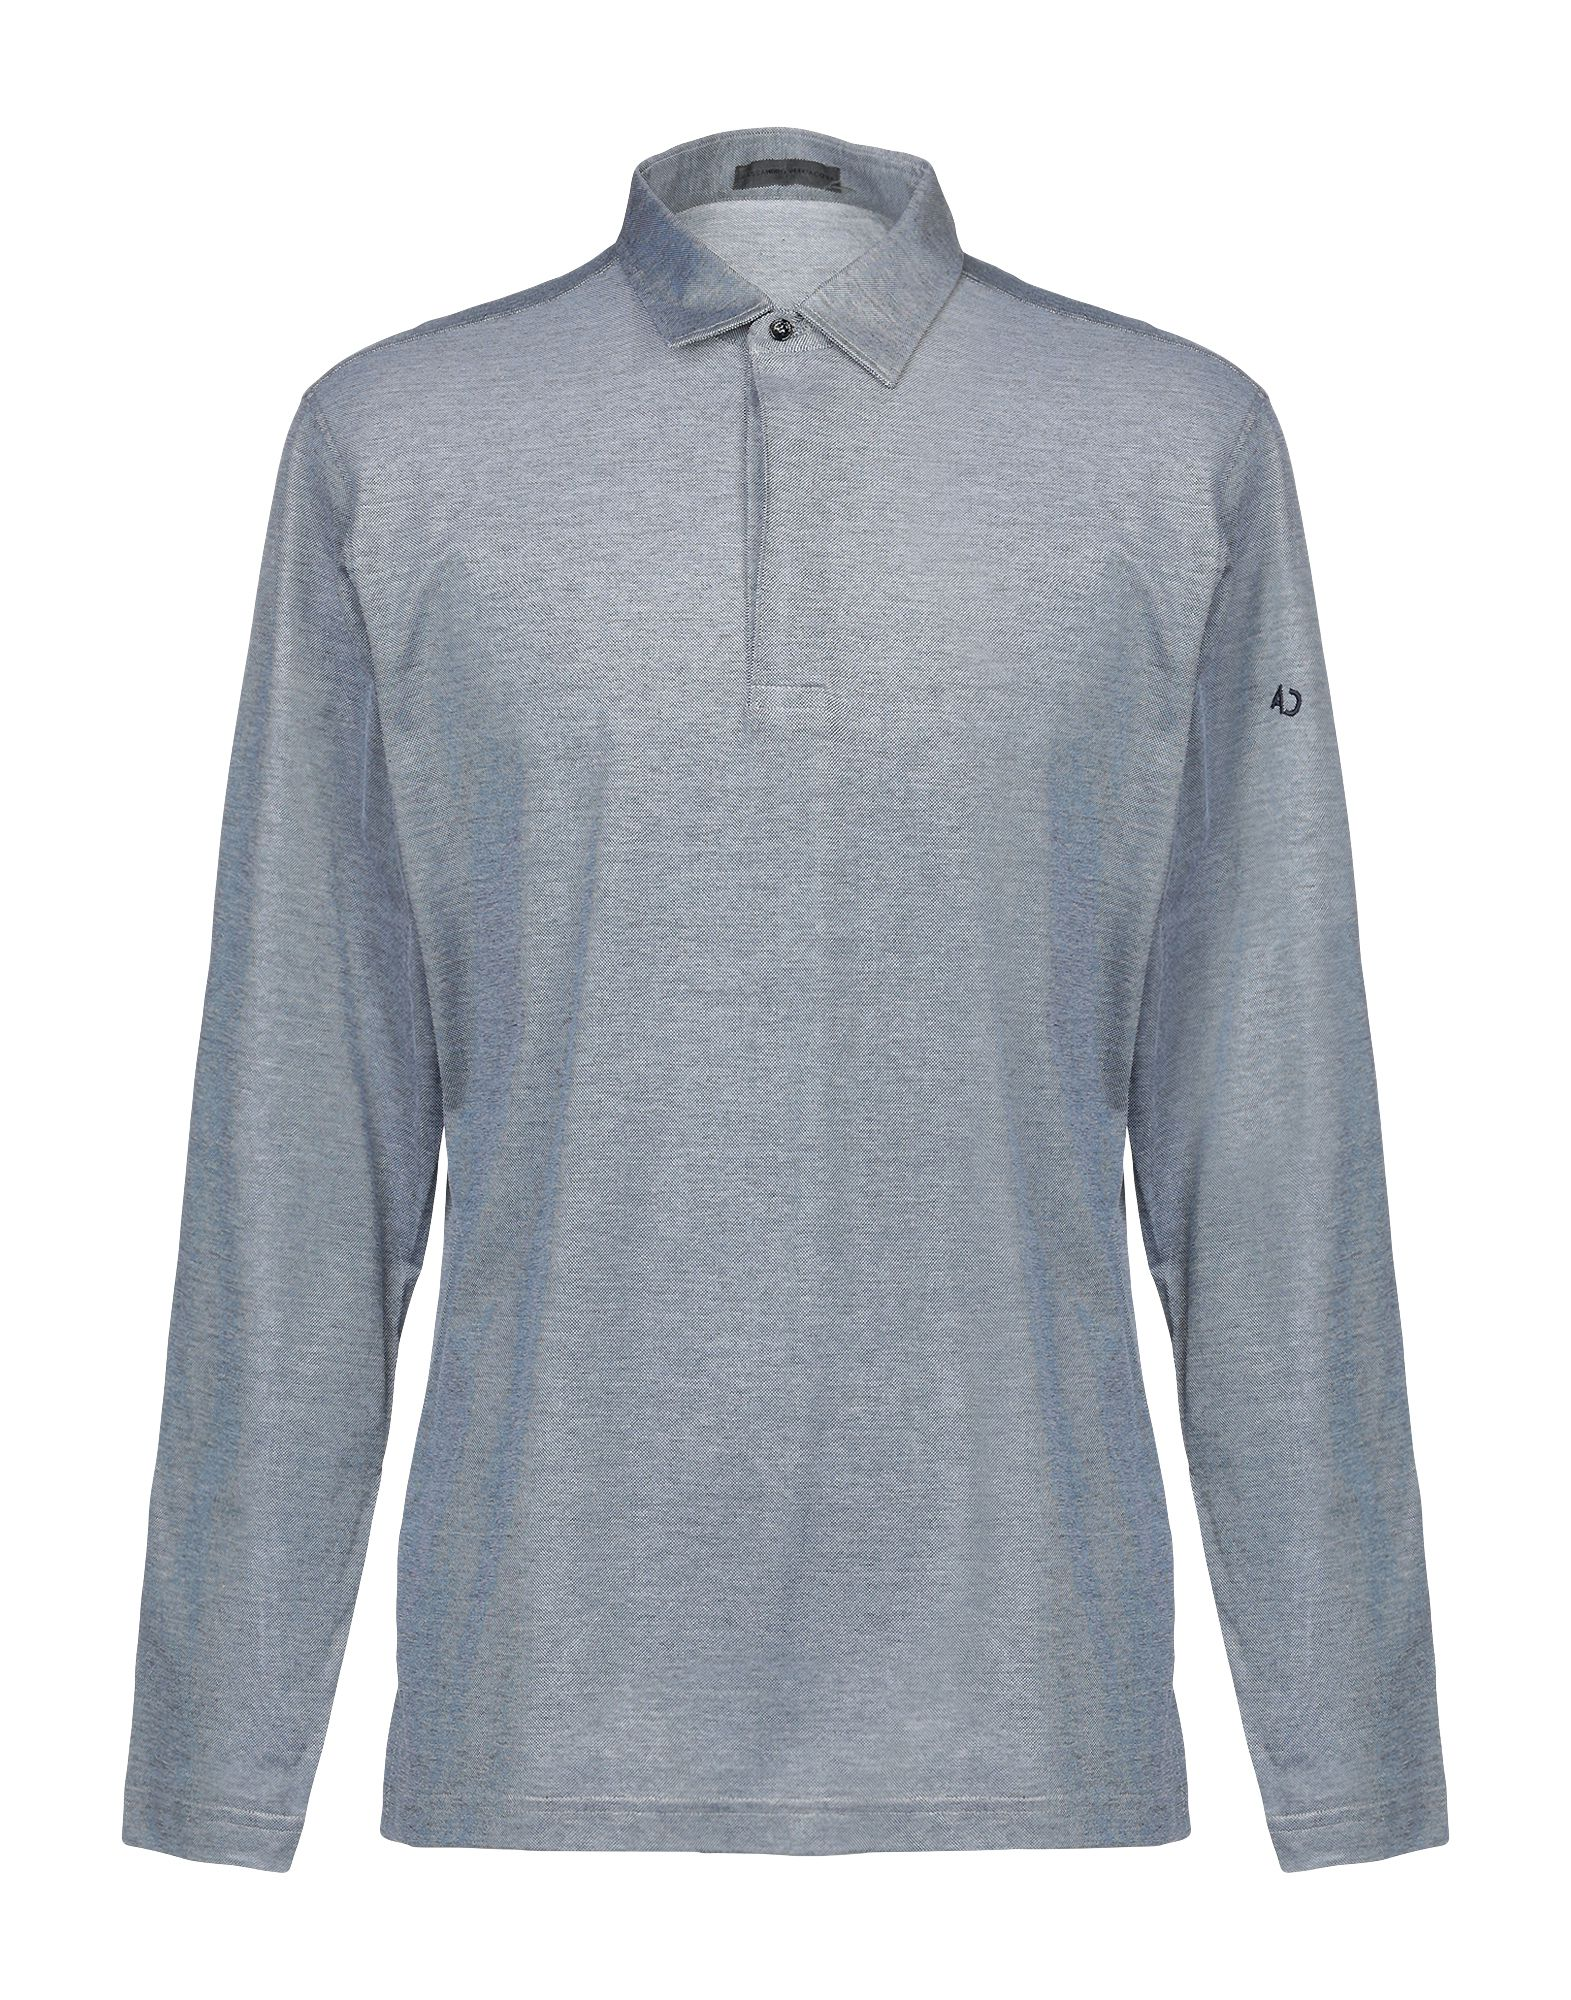 《送料無料》ALESSANDRO DELL'ACQUA メンズ ポロシャツ グレー XXL コットン 100%